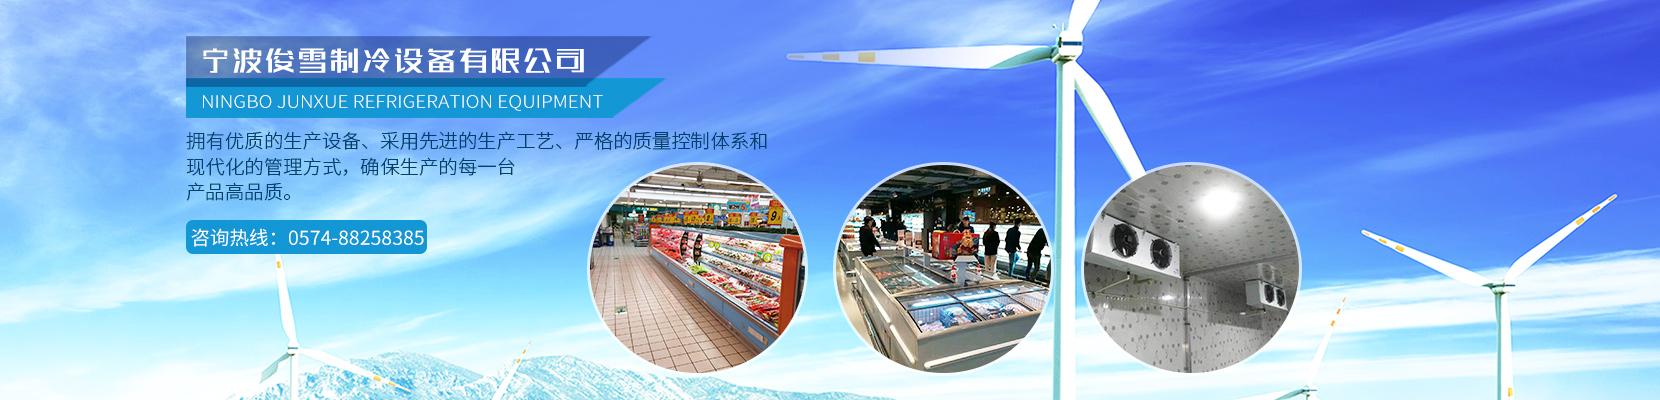 宁波俊雪制冷设备有限公司